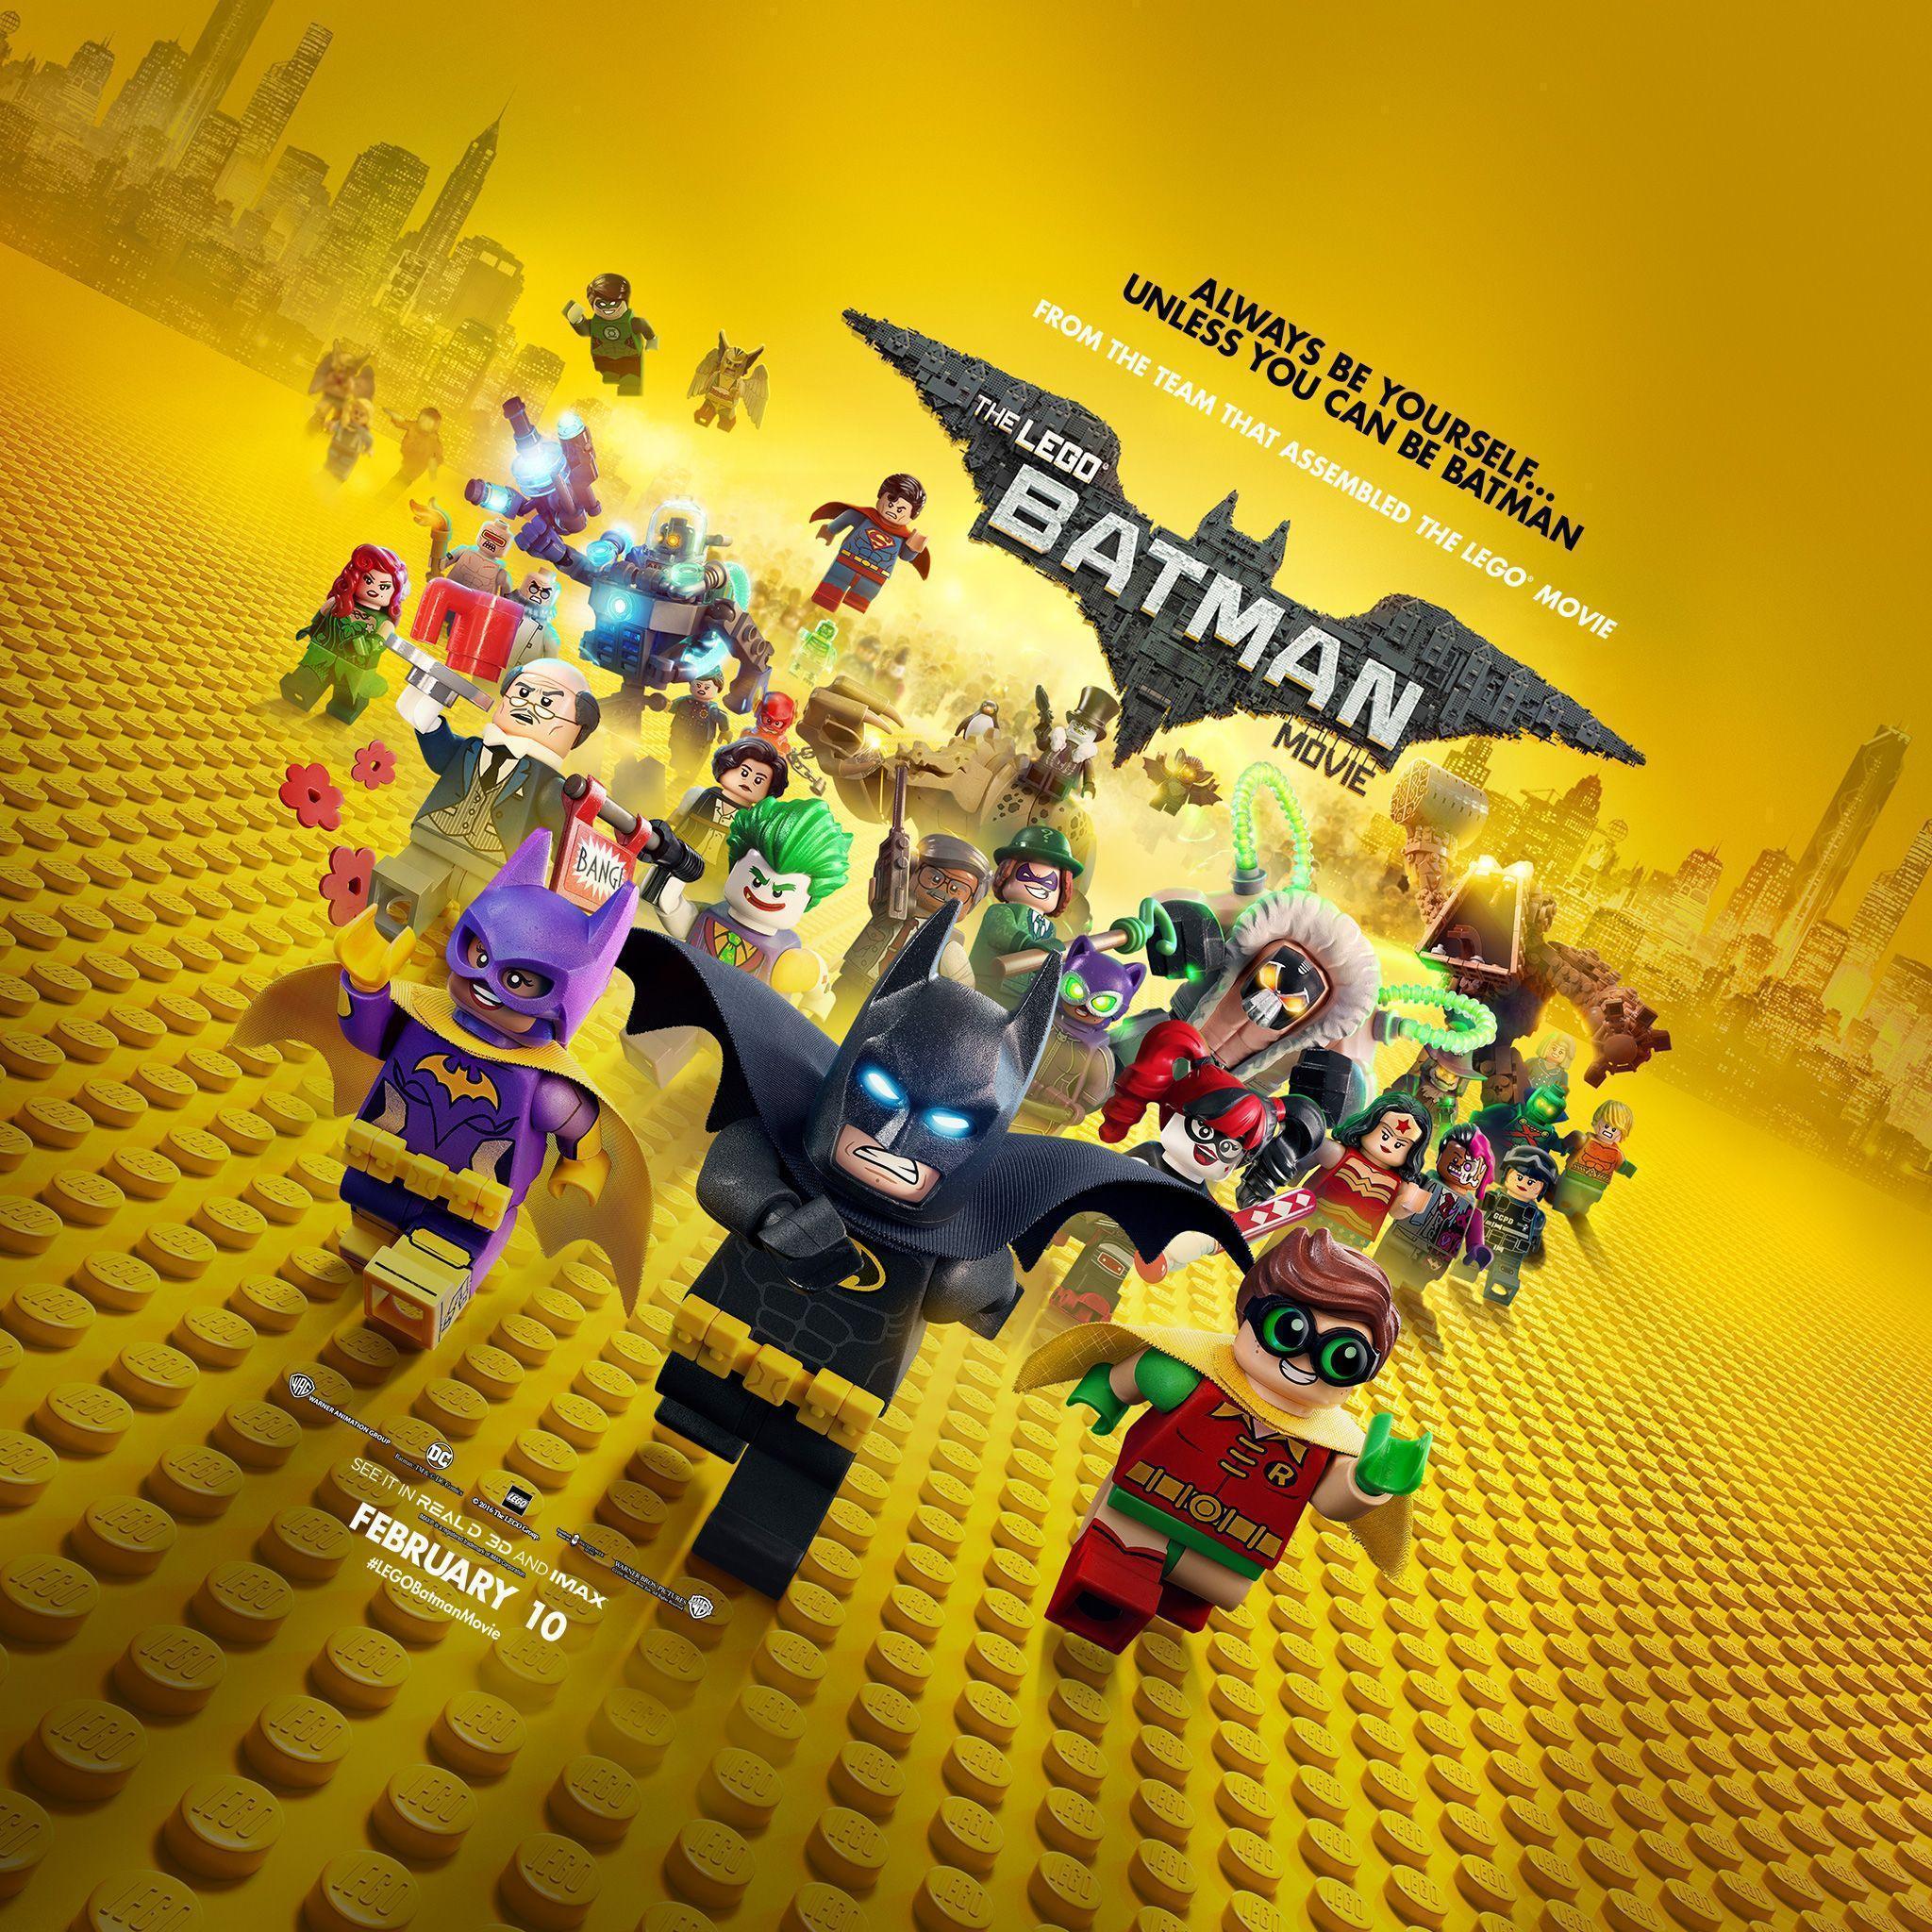 Lego Batman Movie Wallpapers - Wallpaper Cave